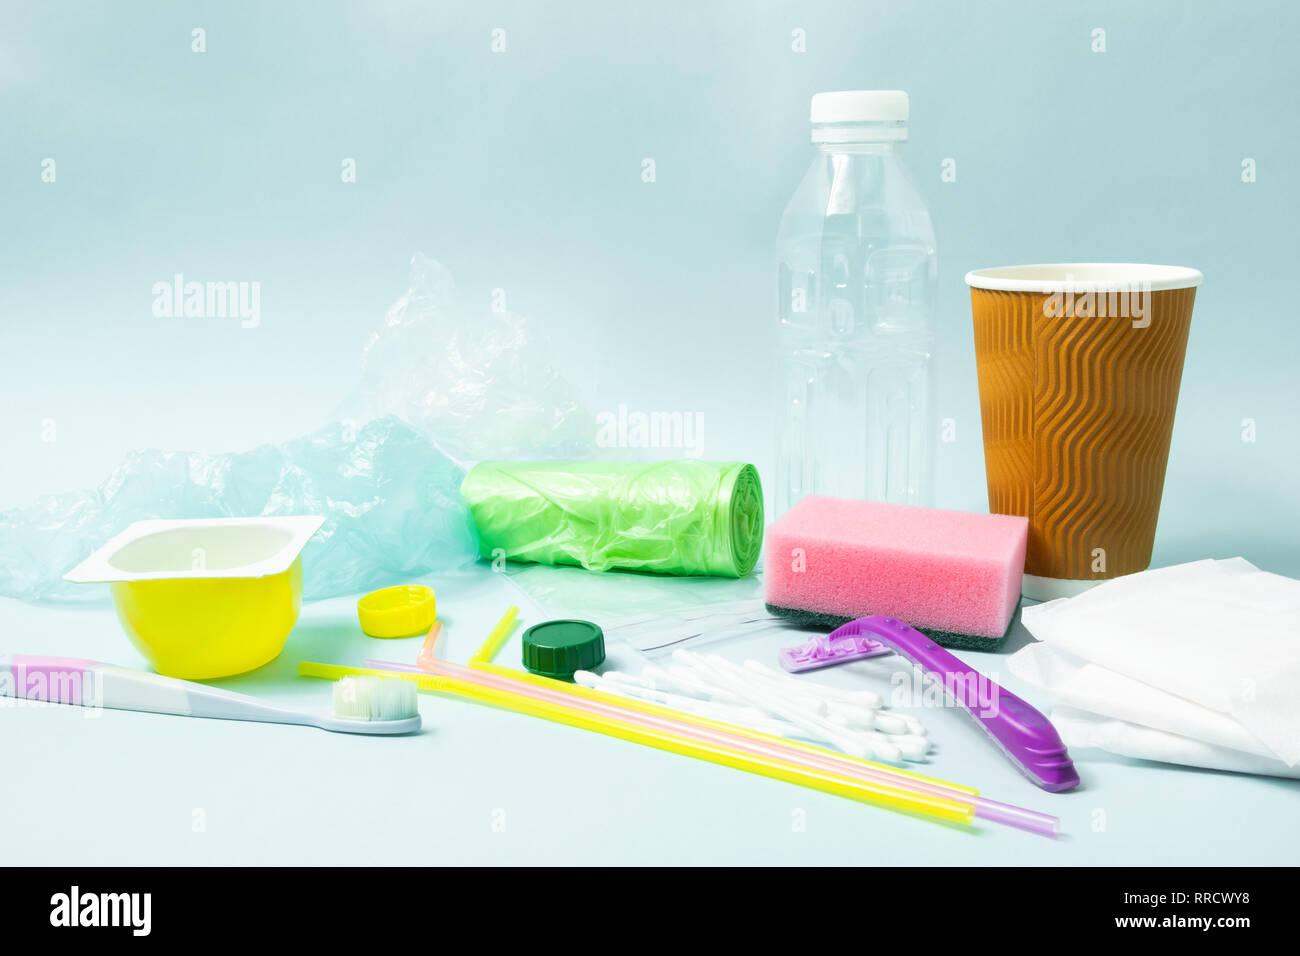 Concepto: residuos de plástico de un solo uso varitety objetos que se tiran cada día. Botella de plástico, artículos de higiene y embalaje plástico representando ecolo Imagen De Stock